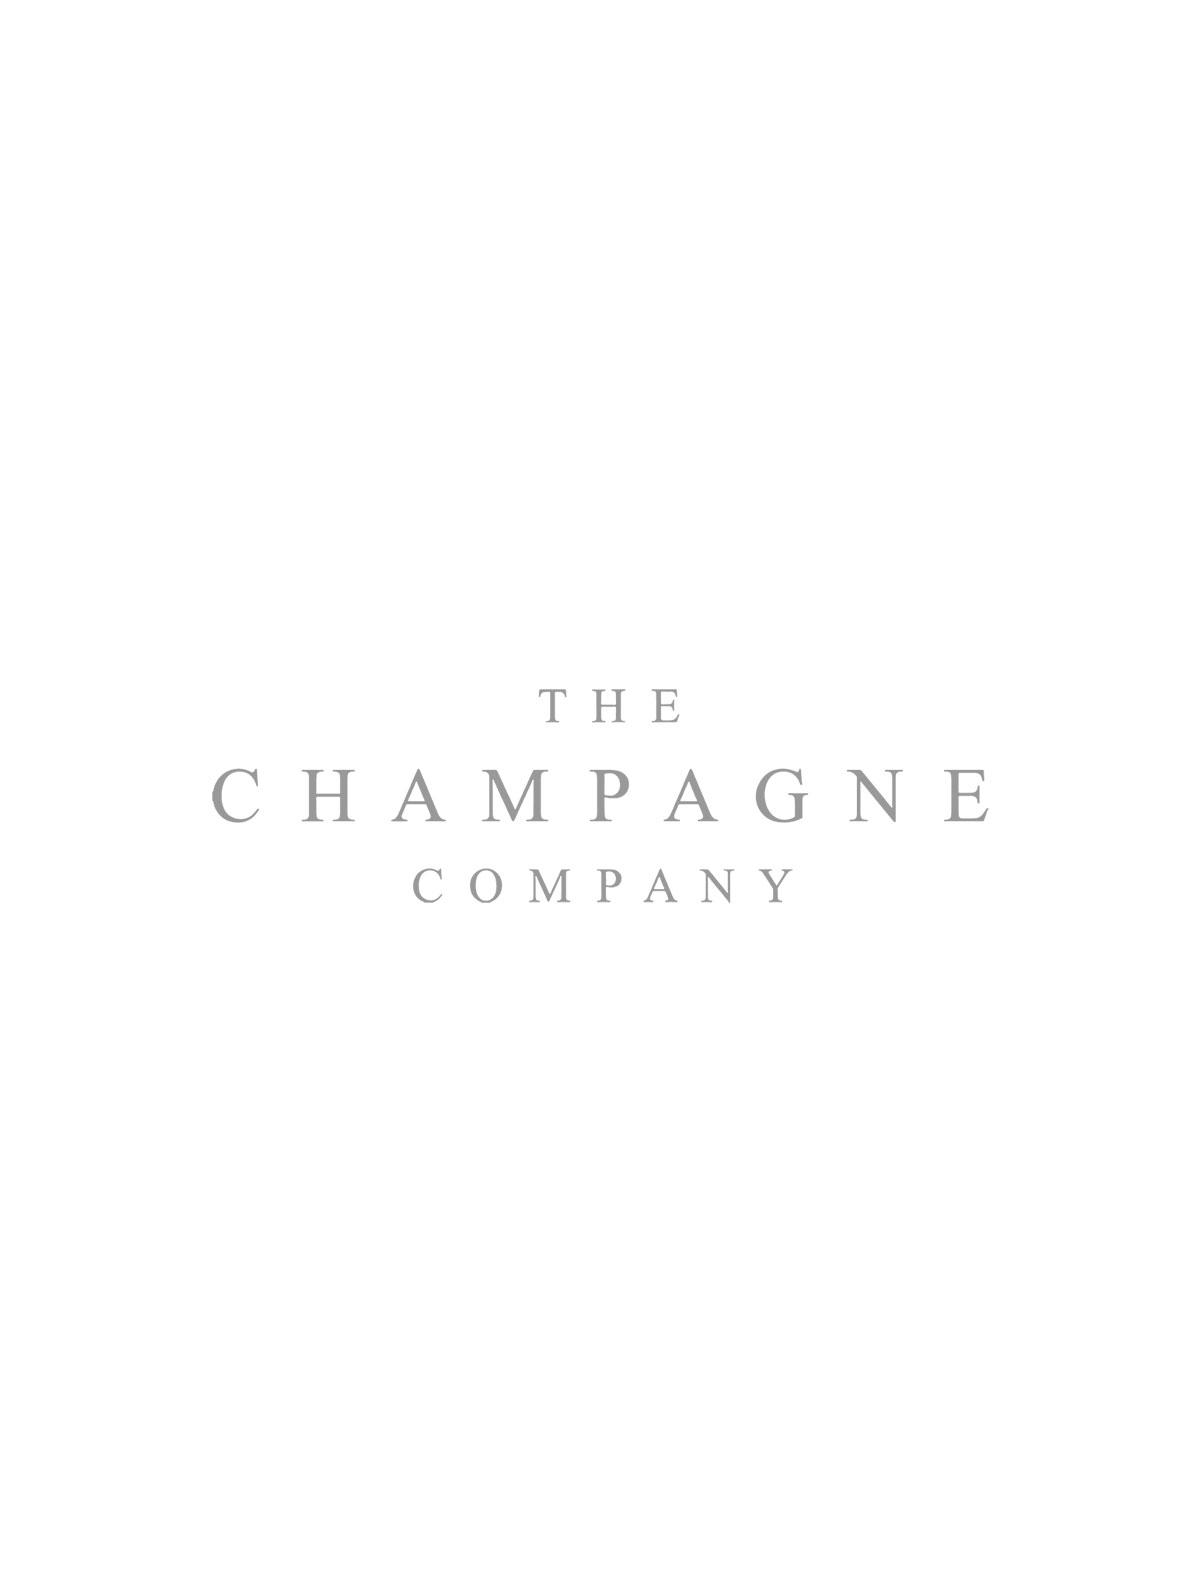 Scavi & Ray Momento d'Oro Prosecco & LSA Prosecco Glasses